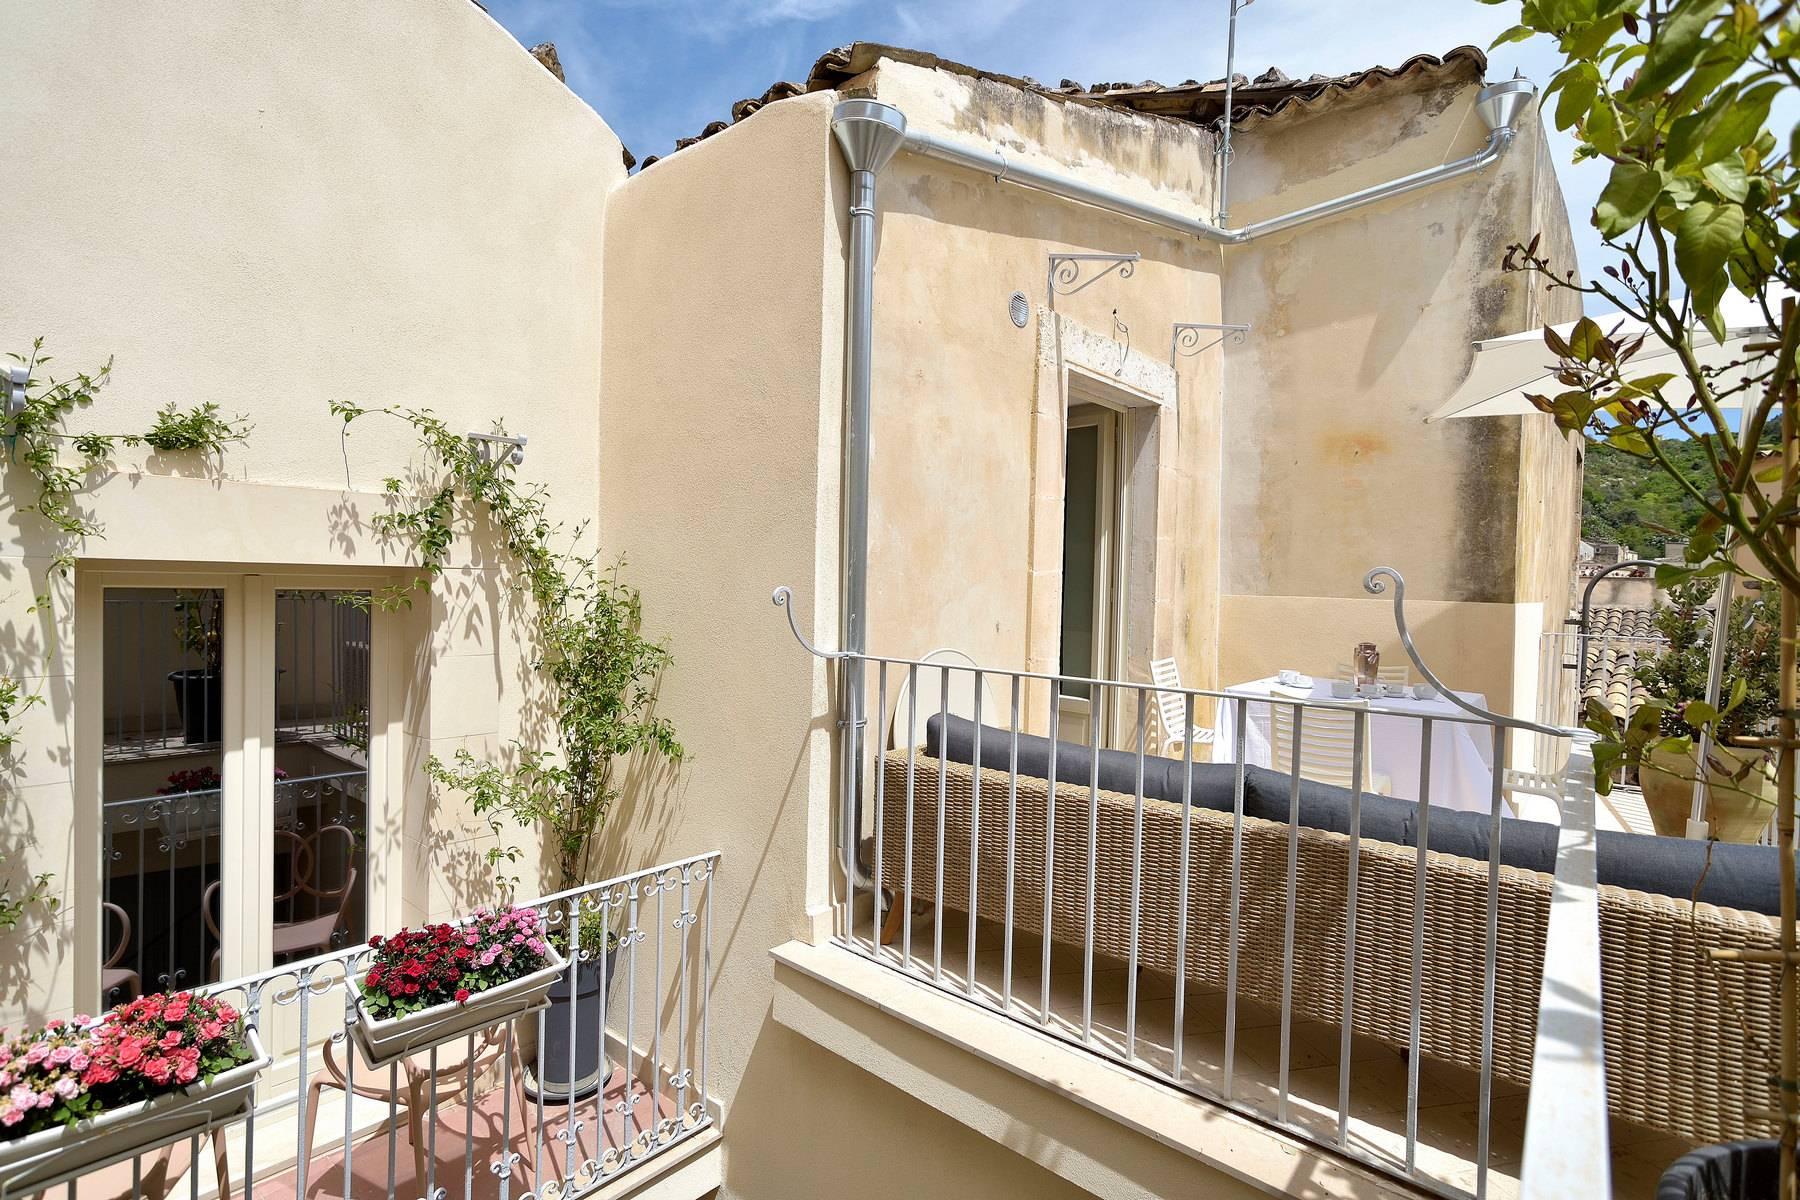 Casa indipendente in Vendita a Modica: 5 locali, 185 mq - Foto 26